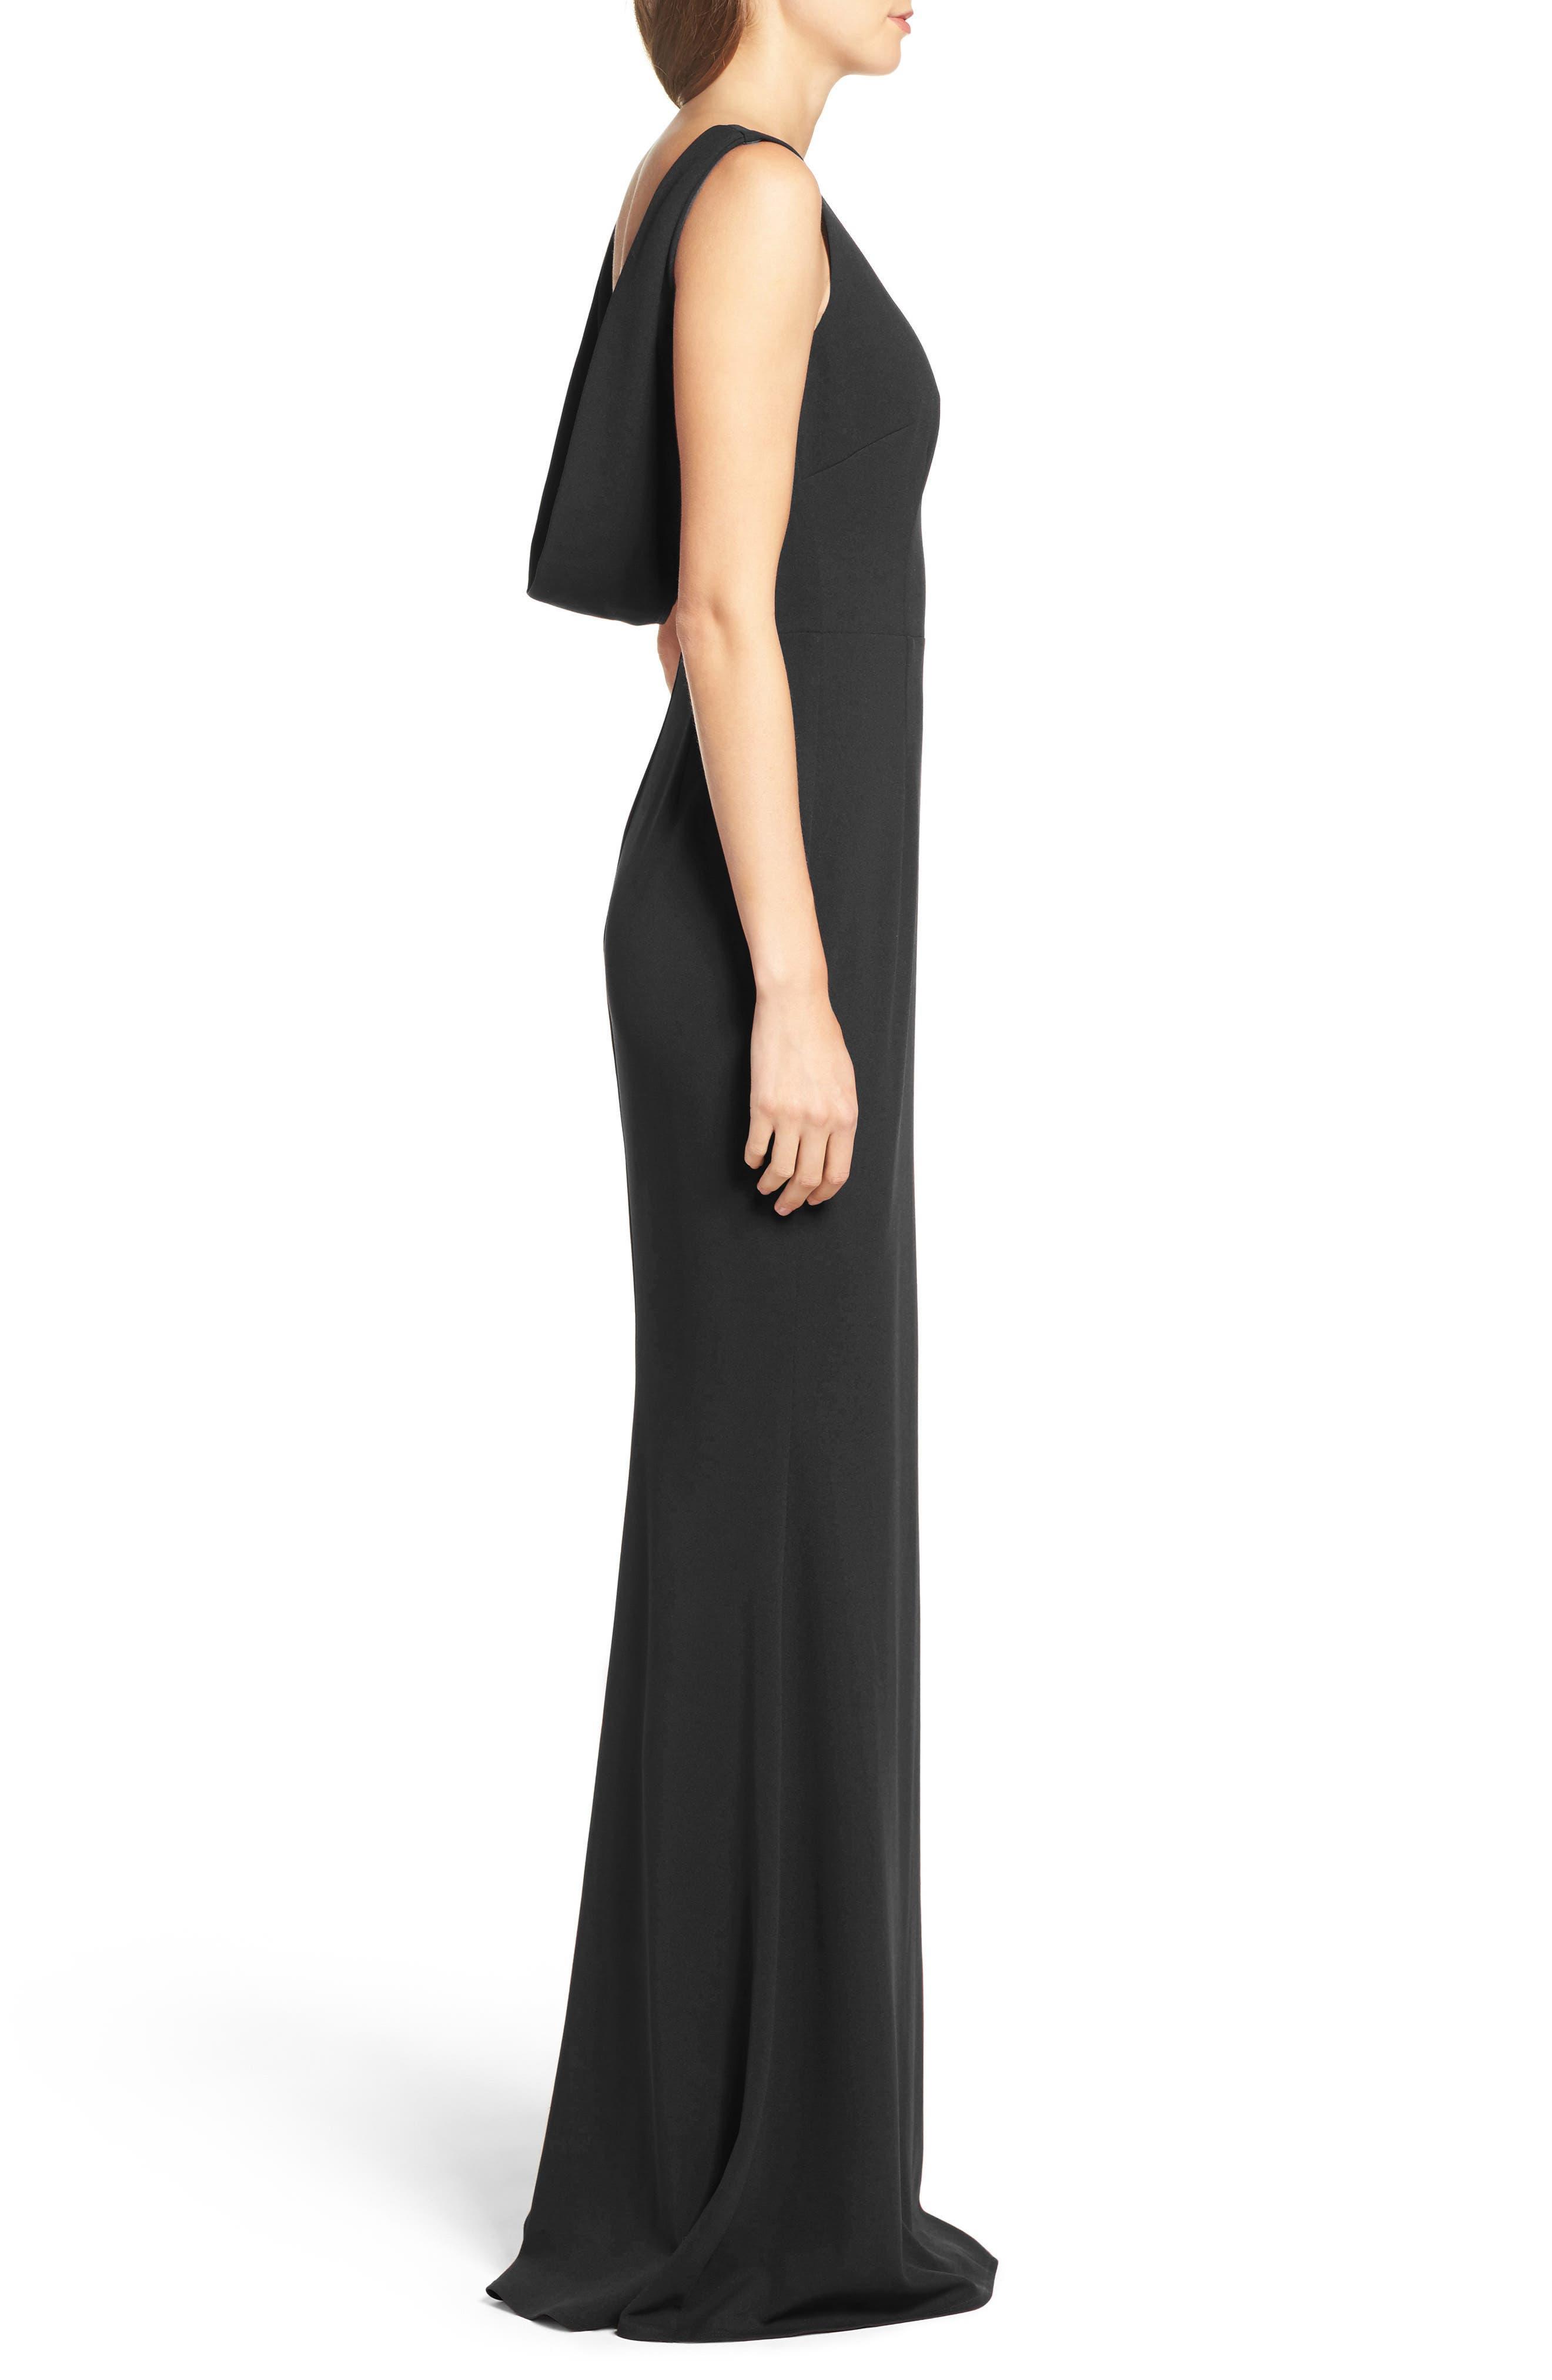 KATIE MAY, Vionnet Drape Back Crepe Gown, Alternate thumbnail 3, color, BLACK